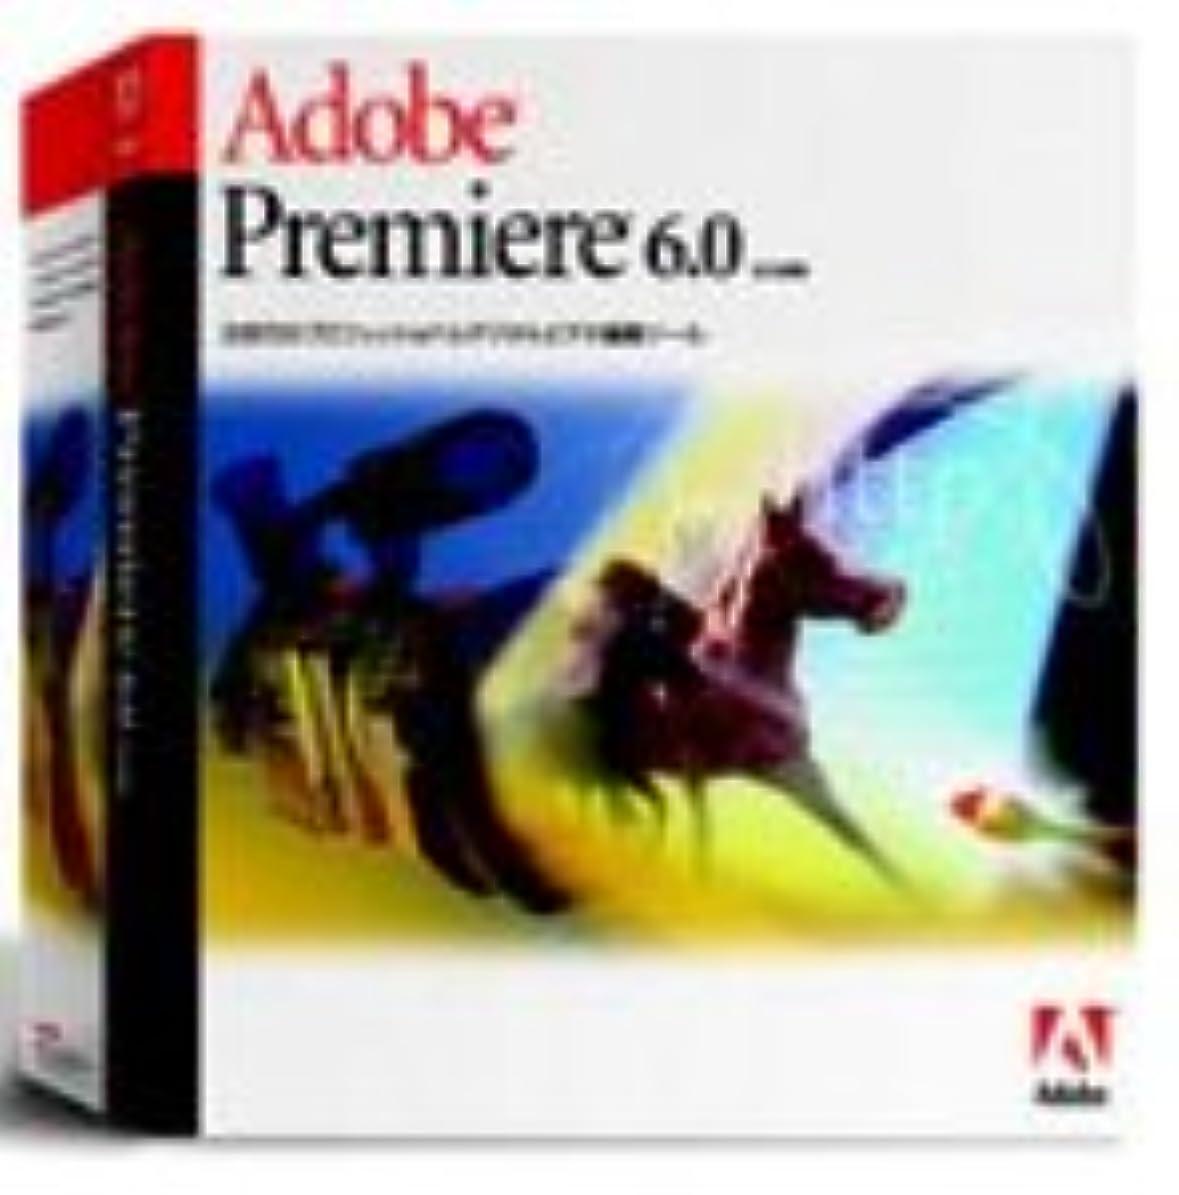 場所に付ける石膏Premiere6.0J アップグレード版 Macintosh版